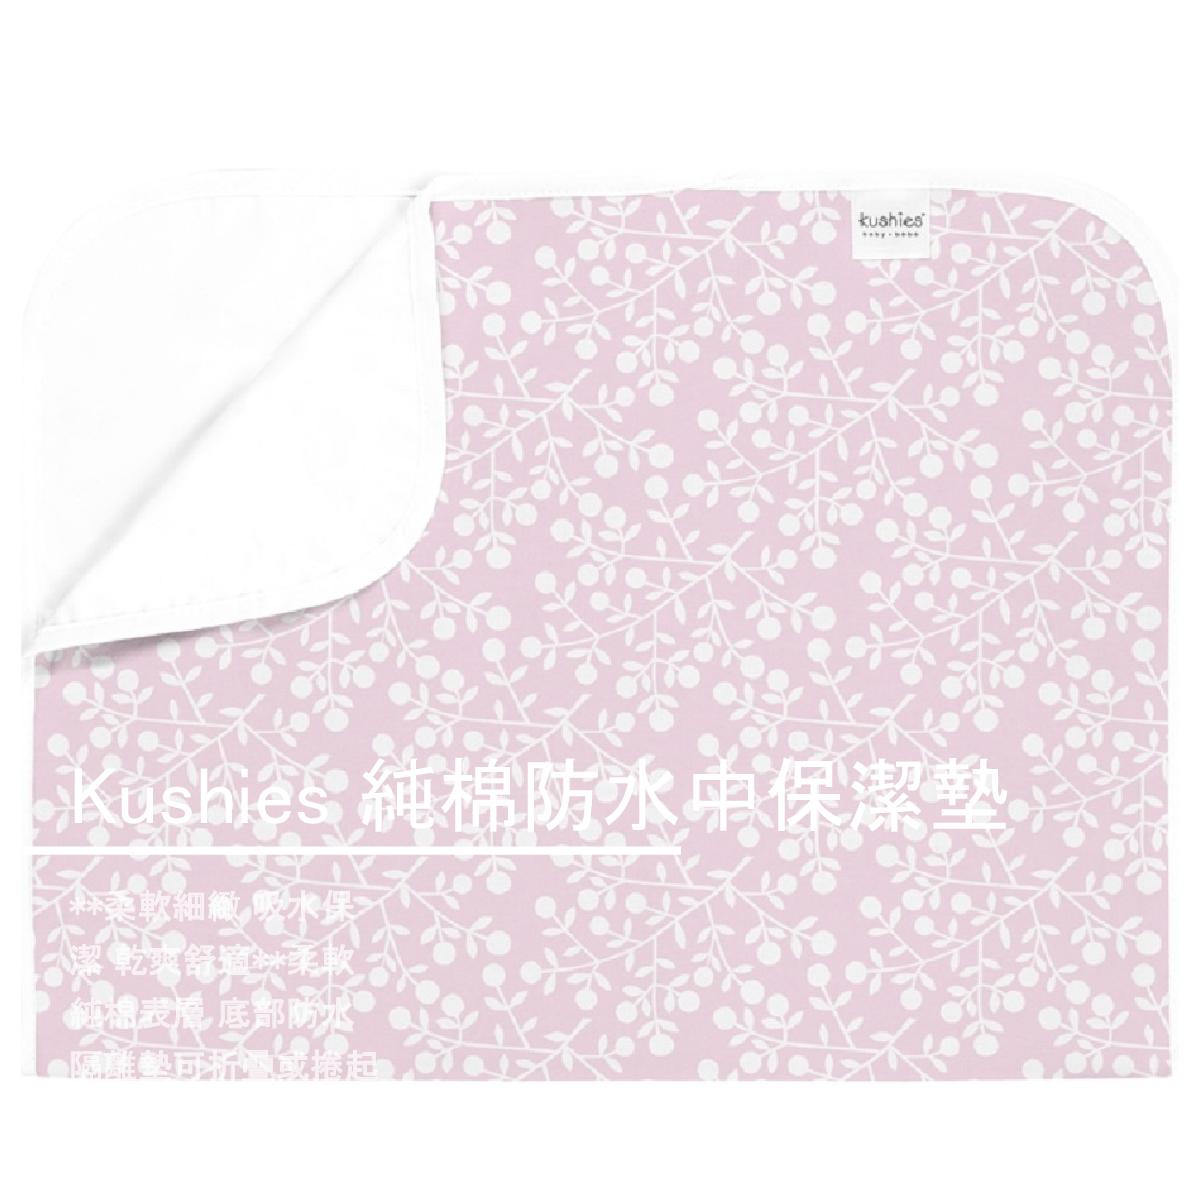 【邦尼育兒】加拿大Kushies 純棉防水中保潔墊 51x76cm 多種花色